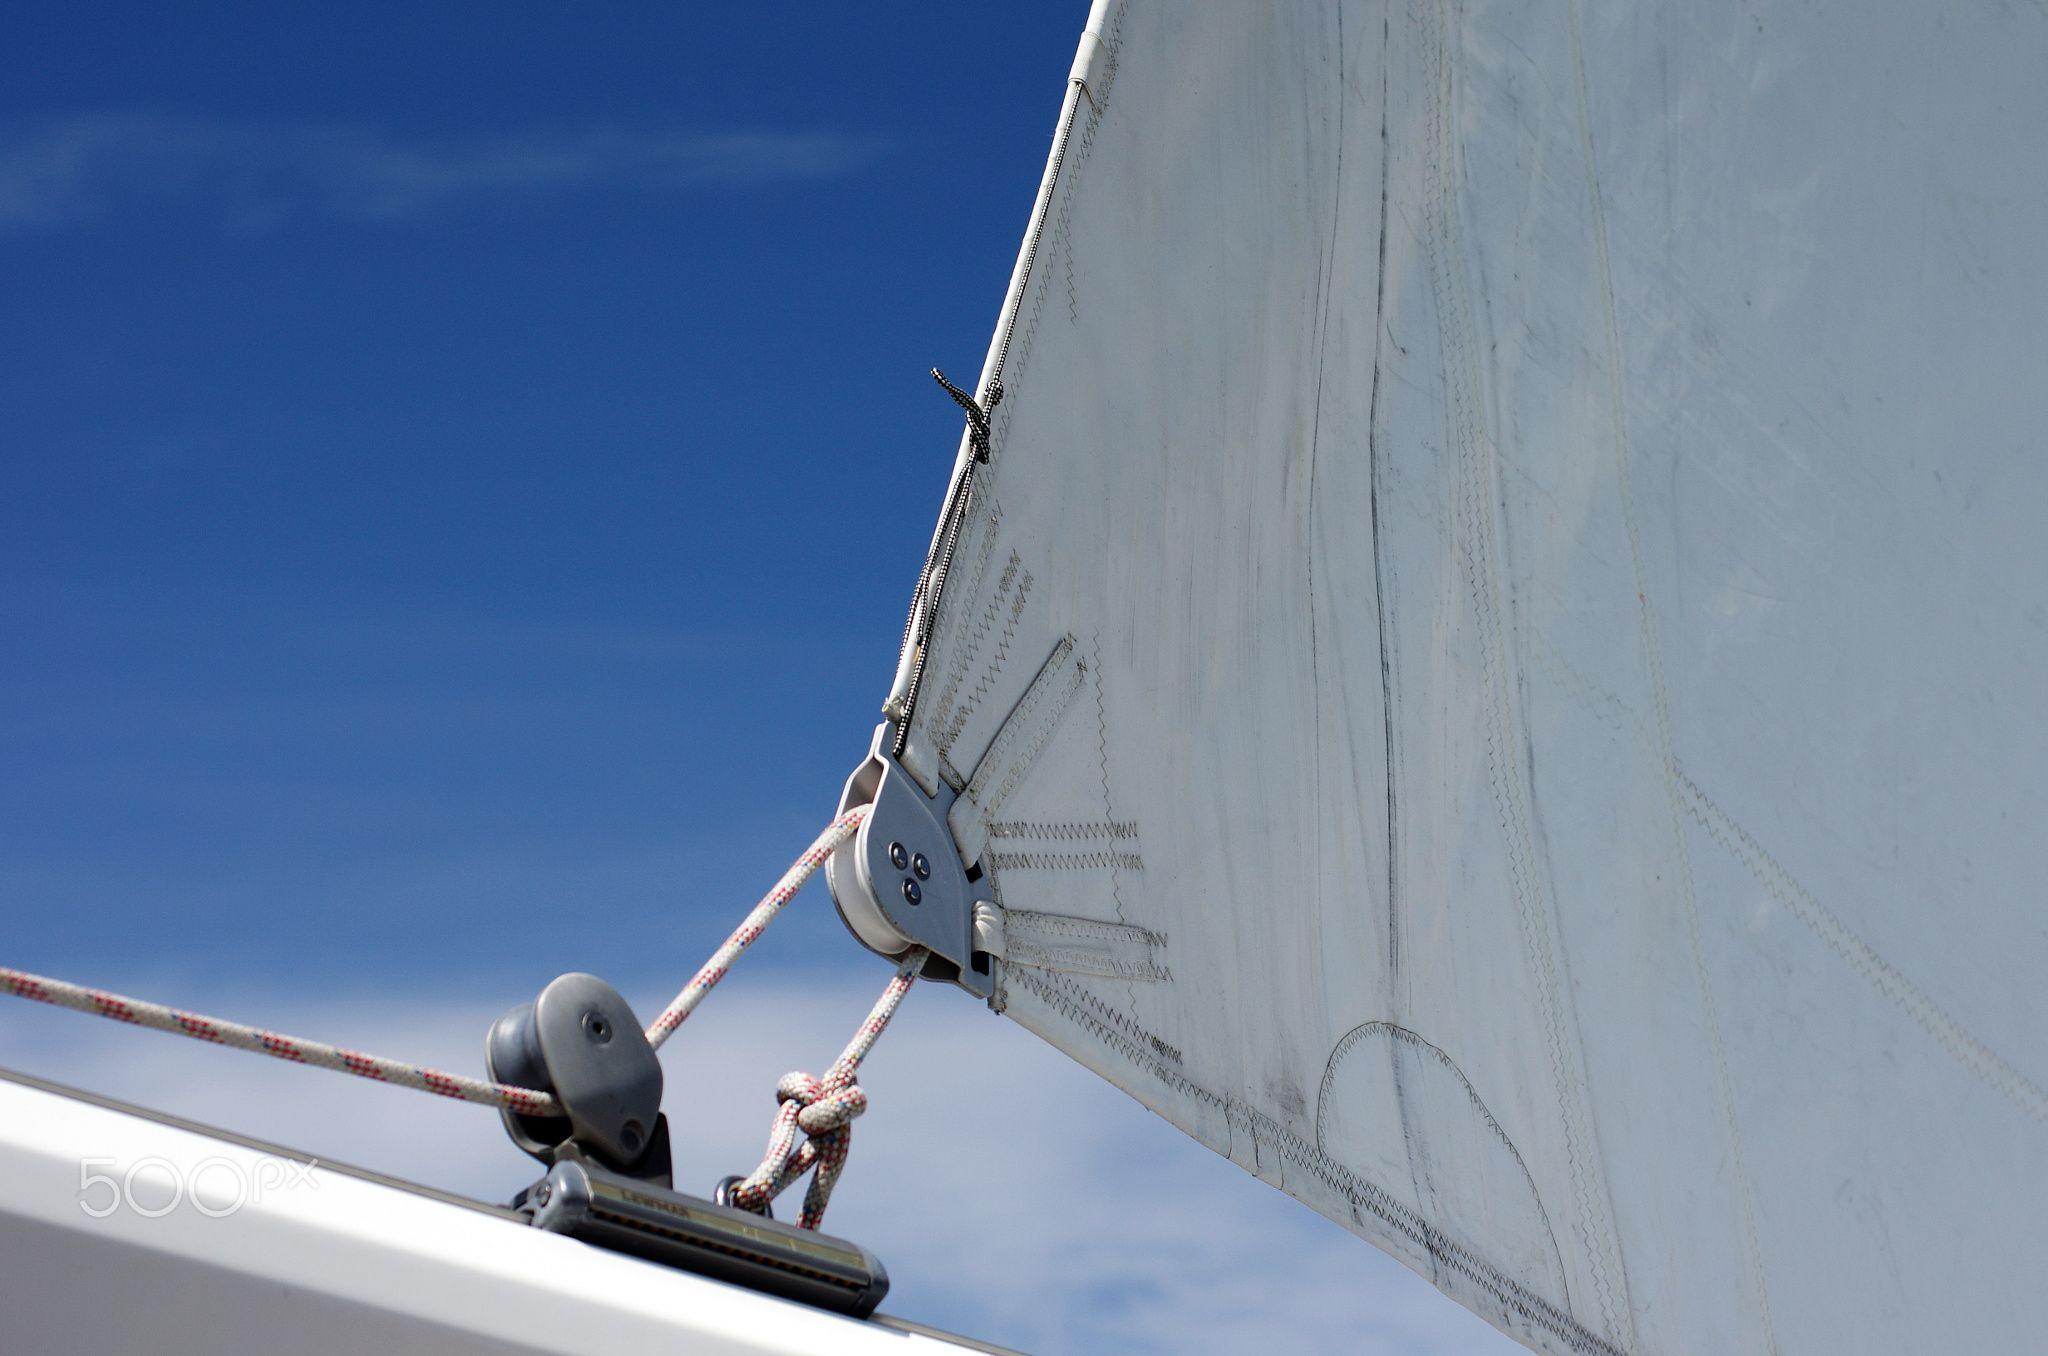 Segel - Detailfotografie vom Segeln. Detail Photography from sailing.  Segeln ist die Fortbewegung eines Segelschiffs oder eines Segelboots unter Nutzung der Windenergie. Segelschiffe hatten über viele Jahrhunderte weltweit eine große Bedeutung für Handel und Transport, Kriegsführung und Fischfang. Gegen Ende des 19. Jahrhunderts begann ihre Verdrängung durch maschinengetriebene Schiffe, die von den Bedingungen des Wetters weniger abhängig waren und kürzere Fahrtzeiten, geringeres Personal…